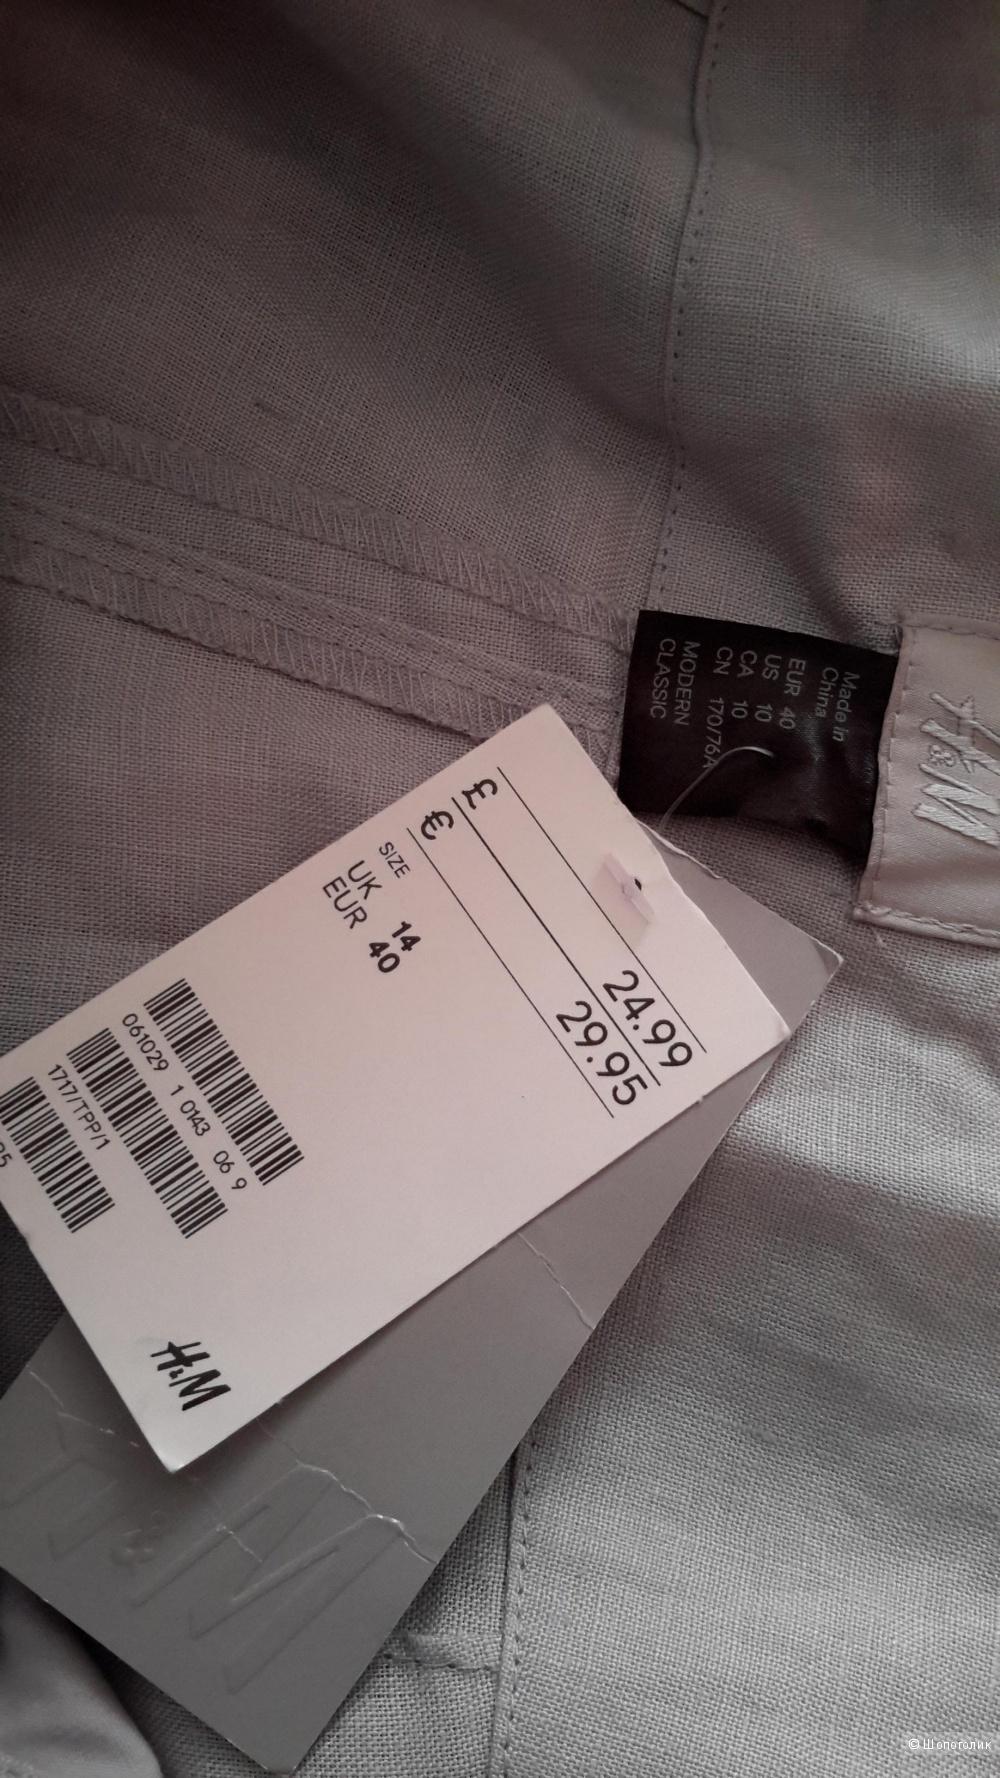 Брюки H&M лен новые размер 40 евро на наш 46-48